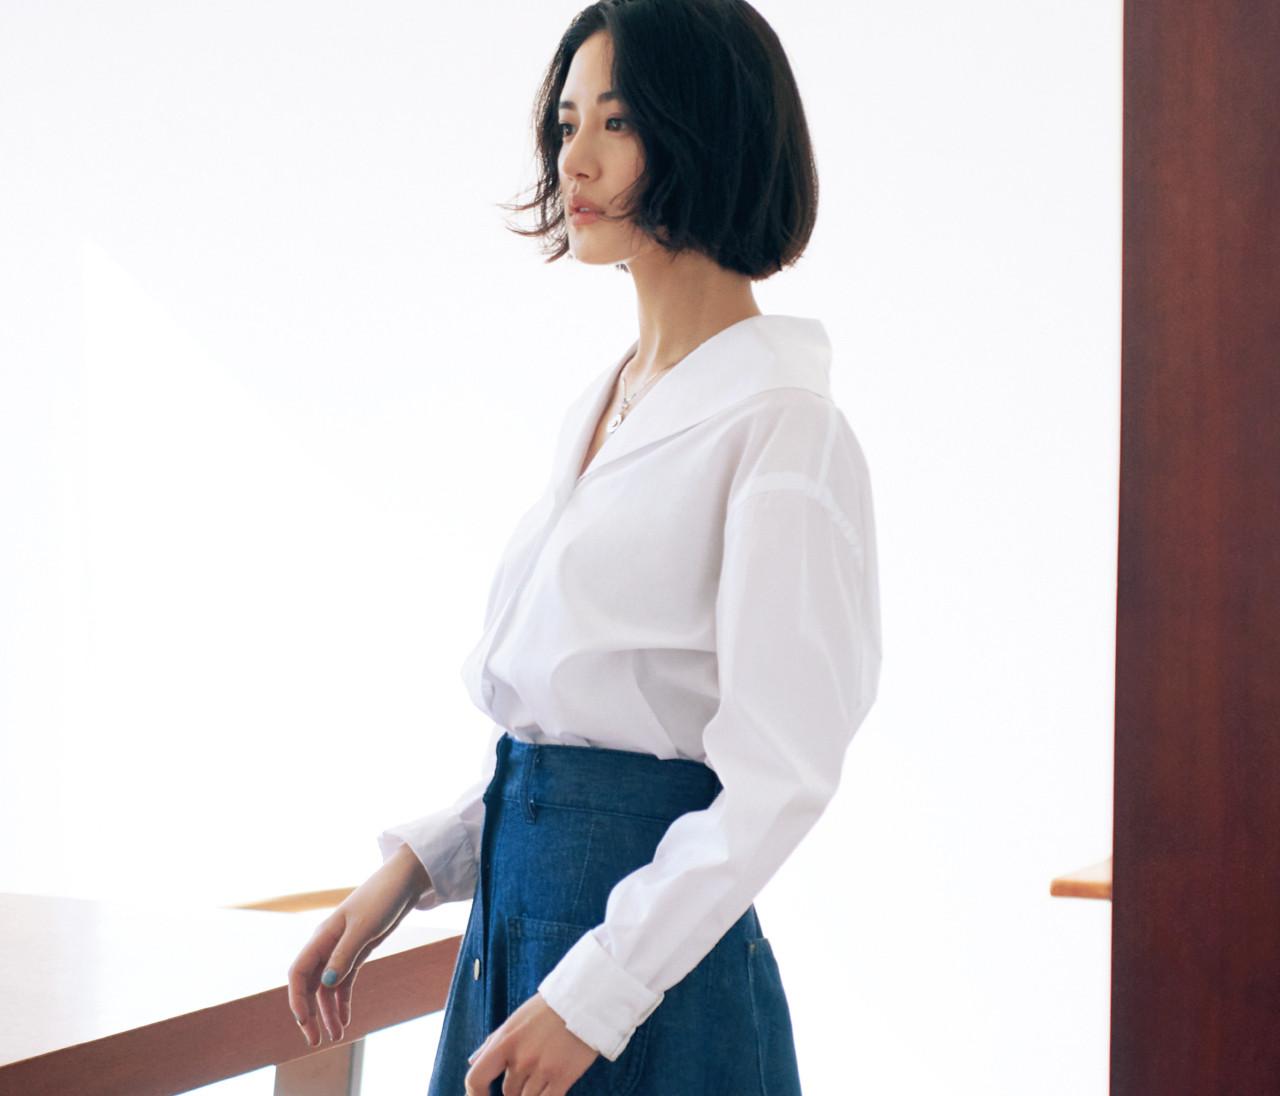 【藤井夏恋とシャツ】真っ白、ベージュ、ブルー…今季のとっておきシャツはこう選ぶ、こう着る!